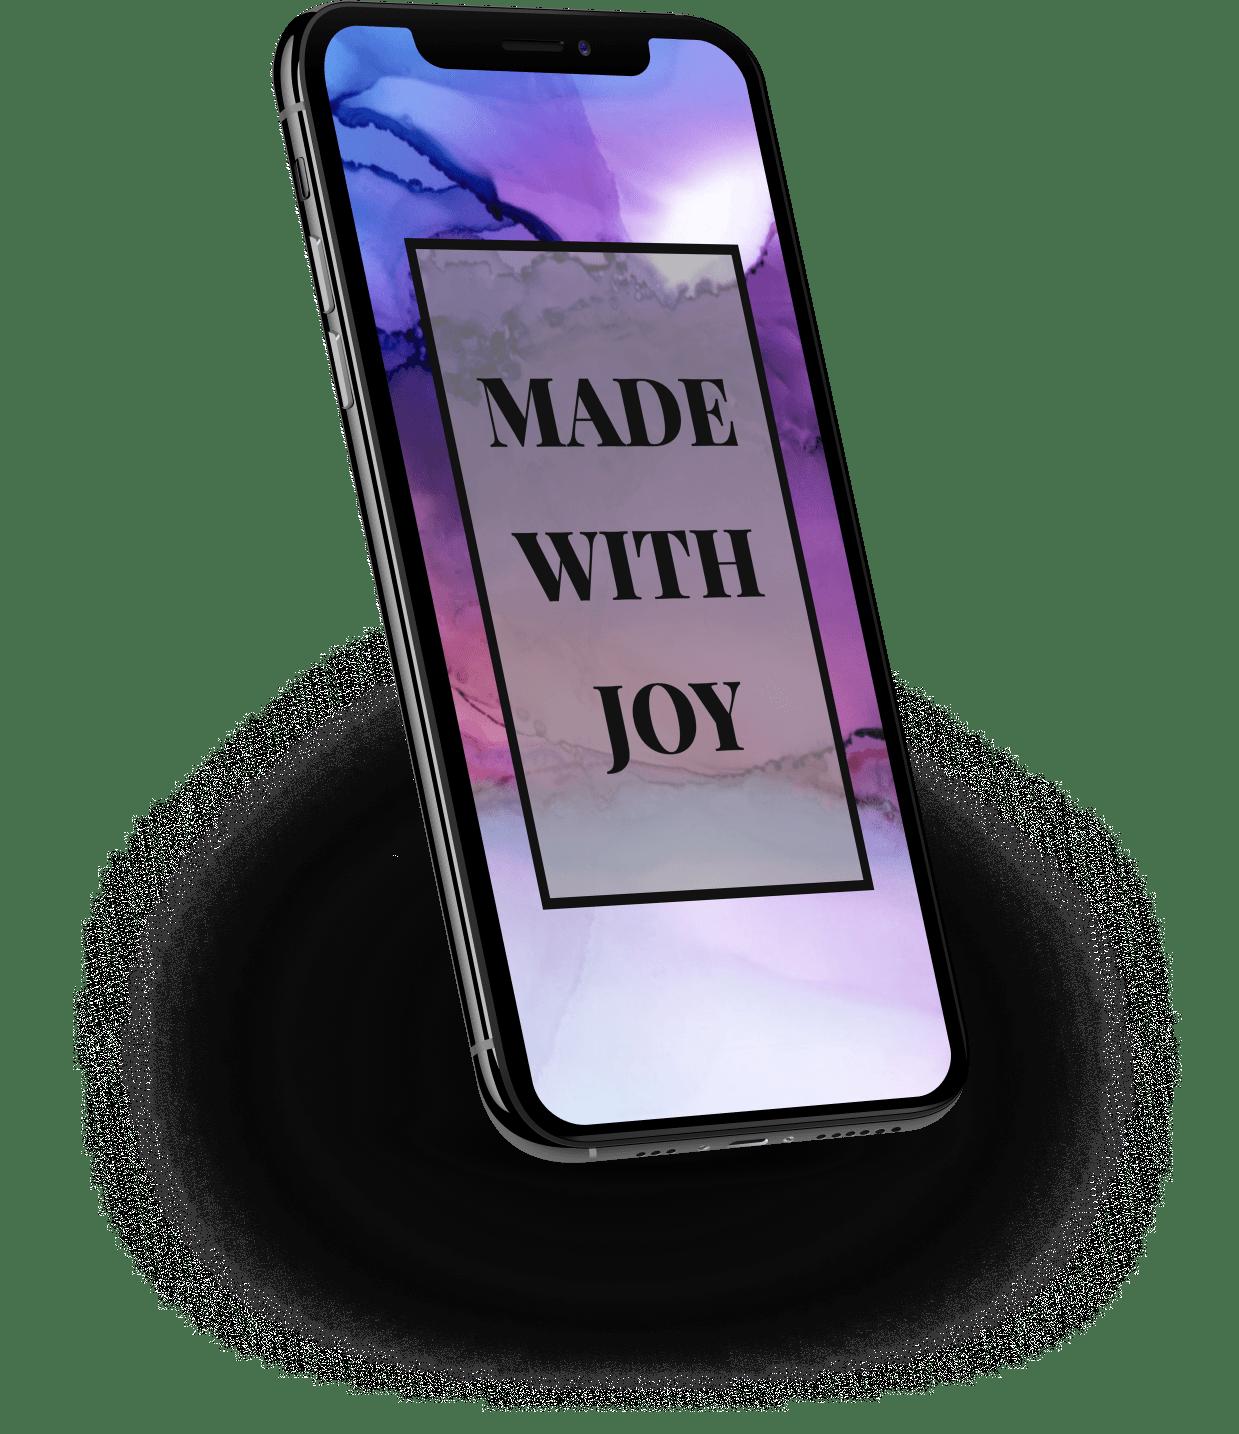 Mobiltelefon mit dem Spruch